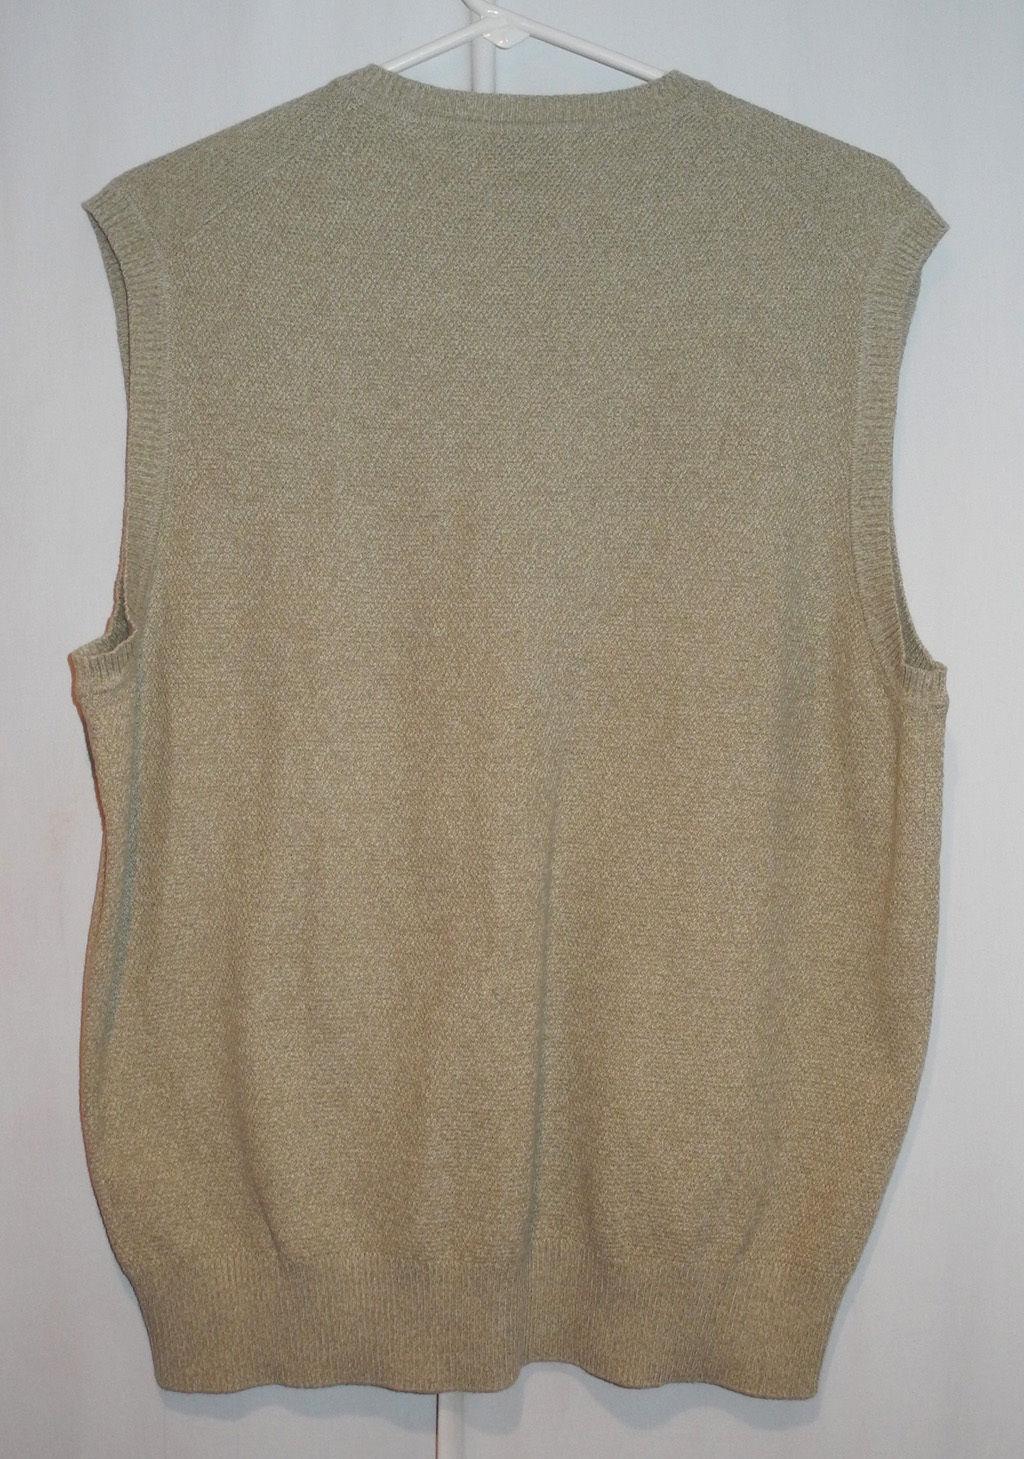 Joseph Abboud Argyle 100% Cotton Sweater Vest - Tan Grey White - Men's M